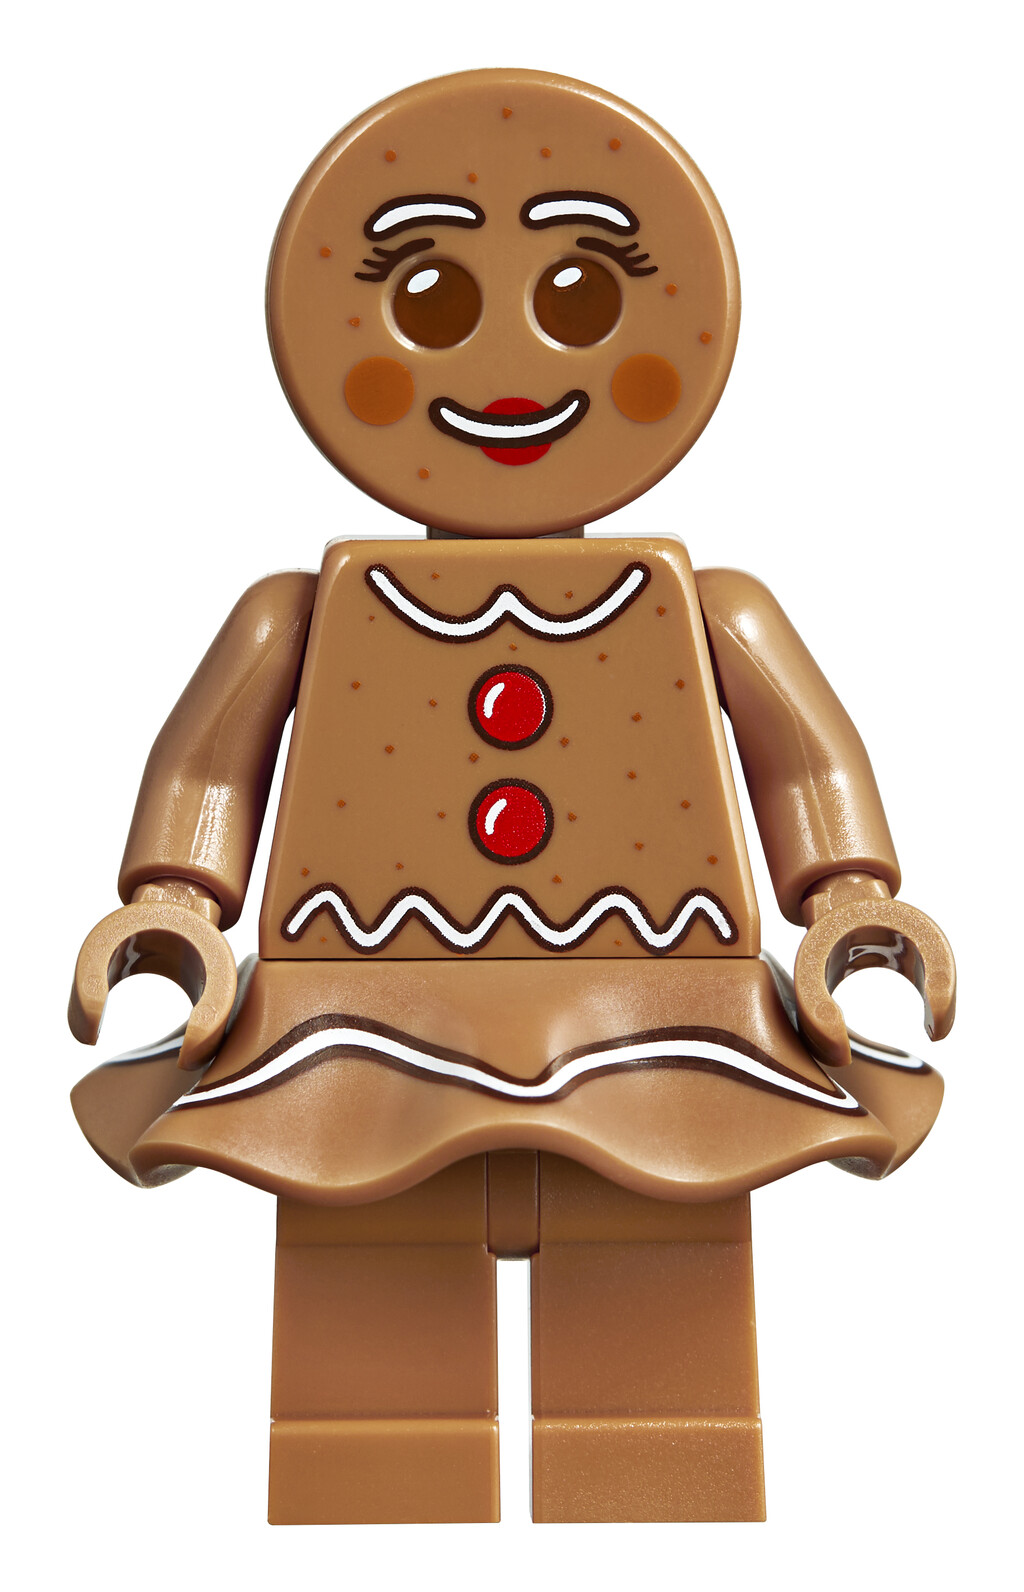 lego-creator-expert-10267-lebkuchenhaus-gingerbread-house-2019-frau zusammengebaut.com